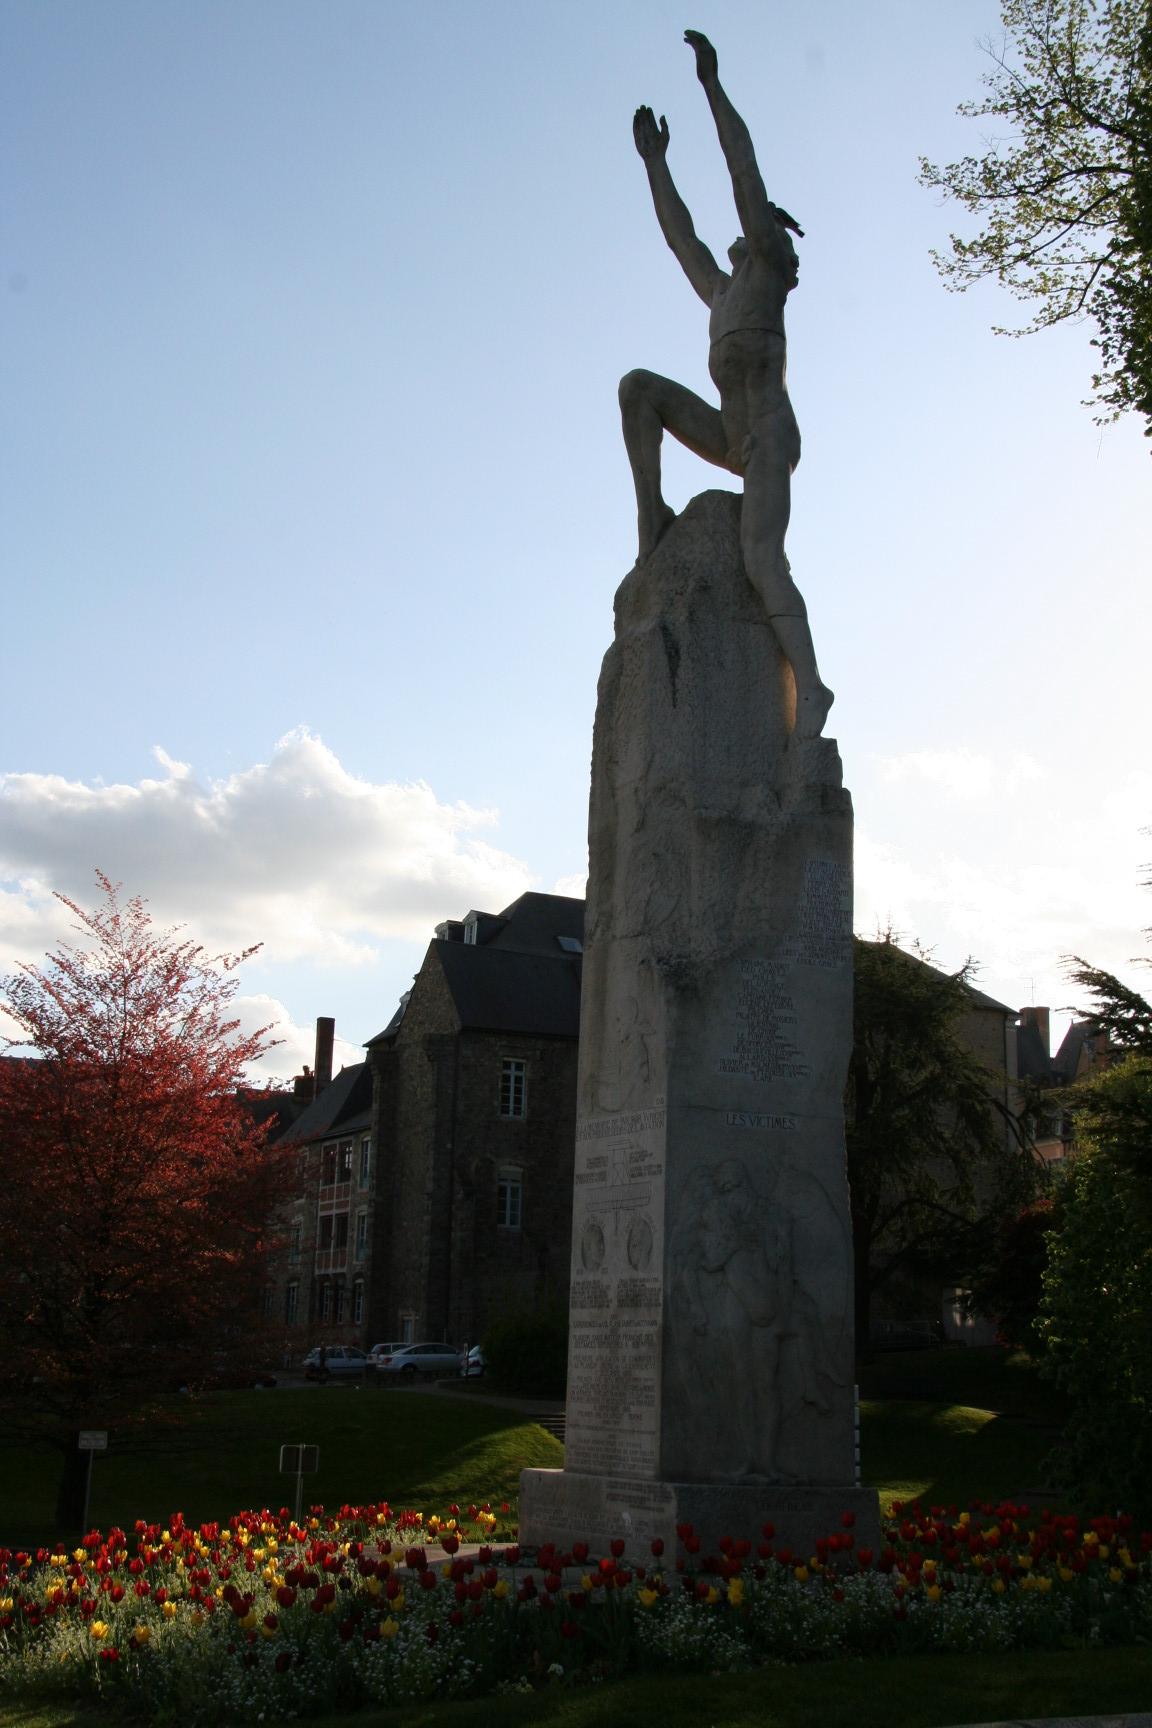 Le Mans en 2010 - Statue - Rue Wilbur Wright - Statue représentant le vol d'Icare en hommage à Wilbur Wright - Vue 03 (Sylvie Leveau)